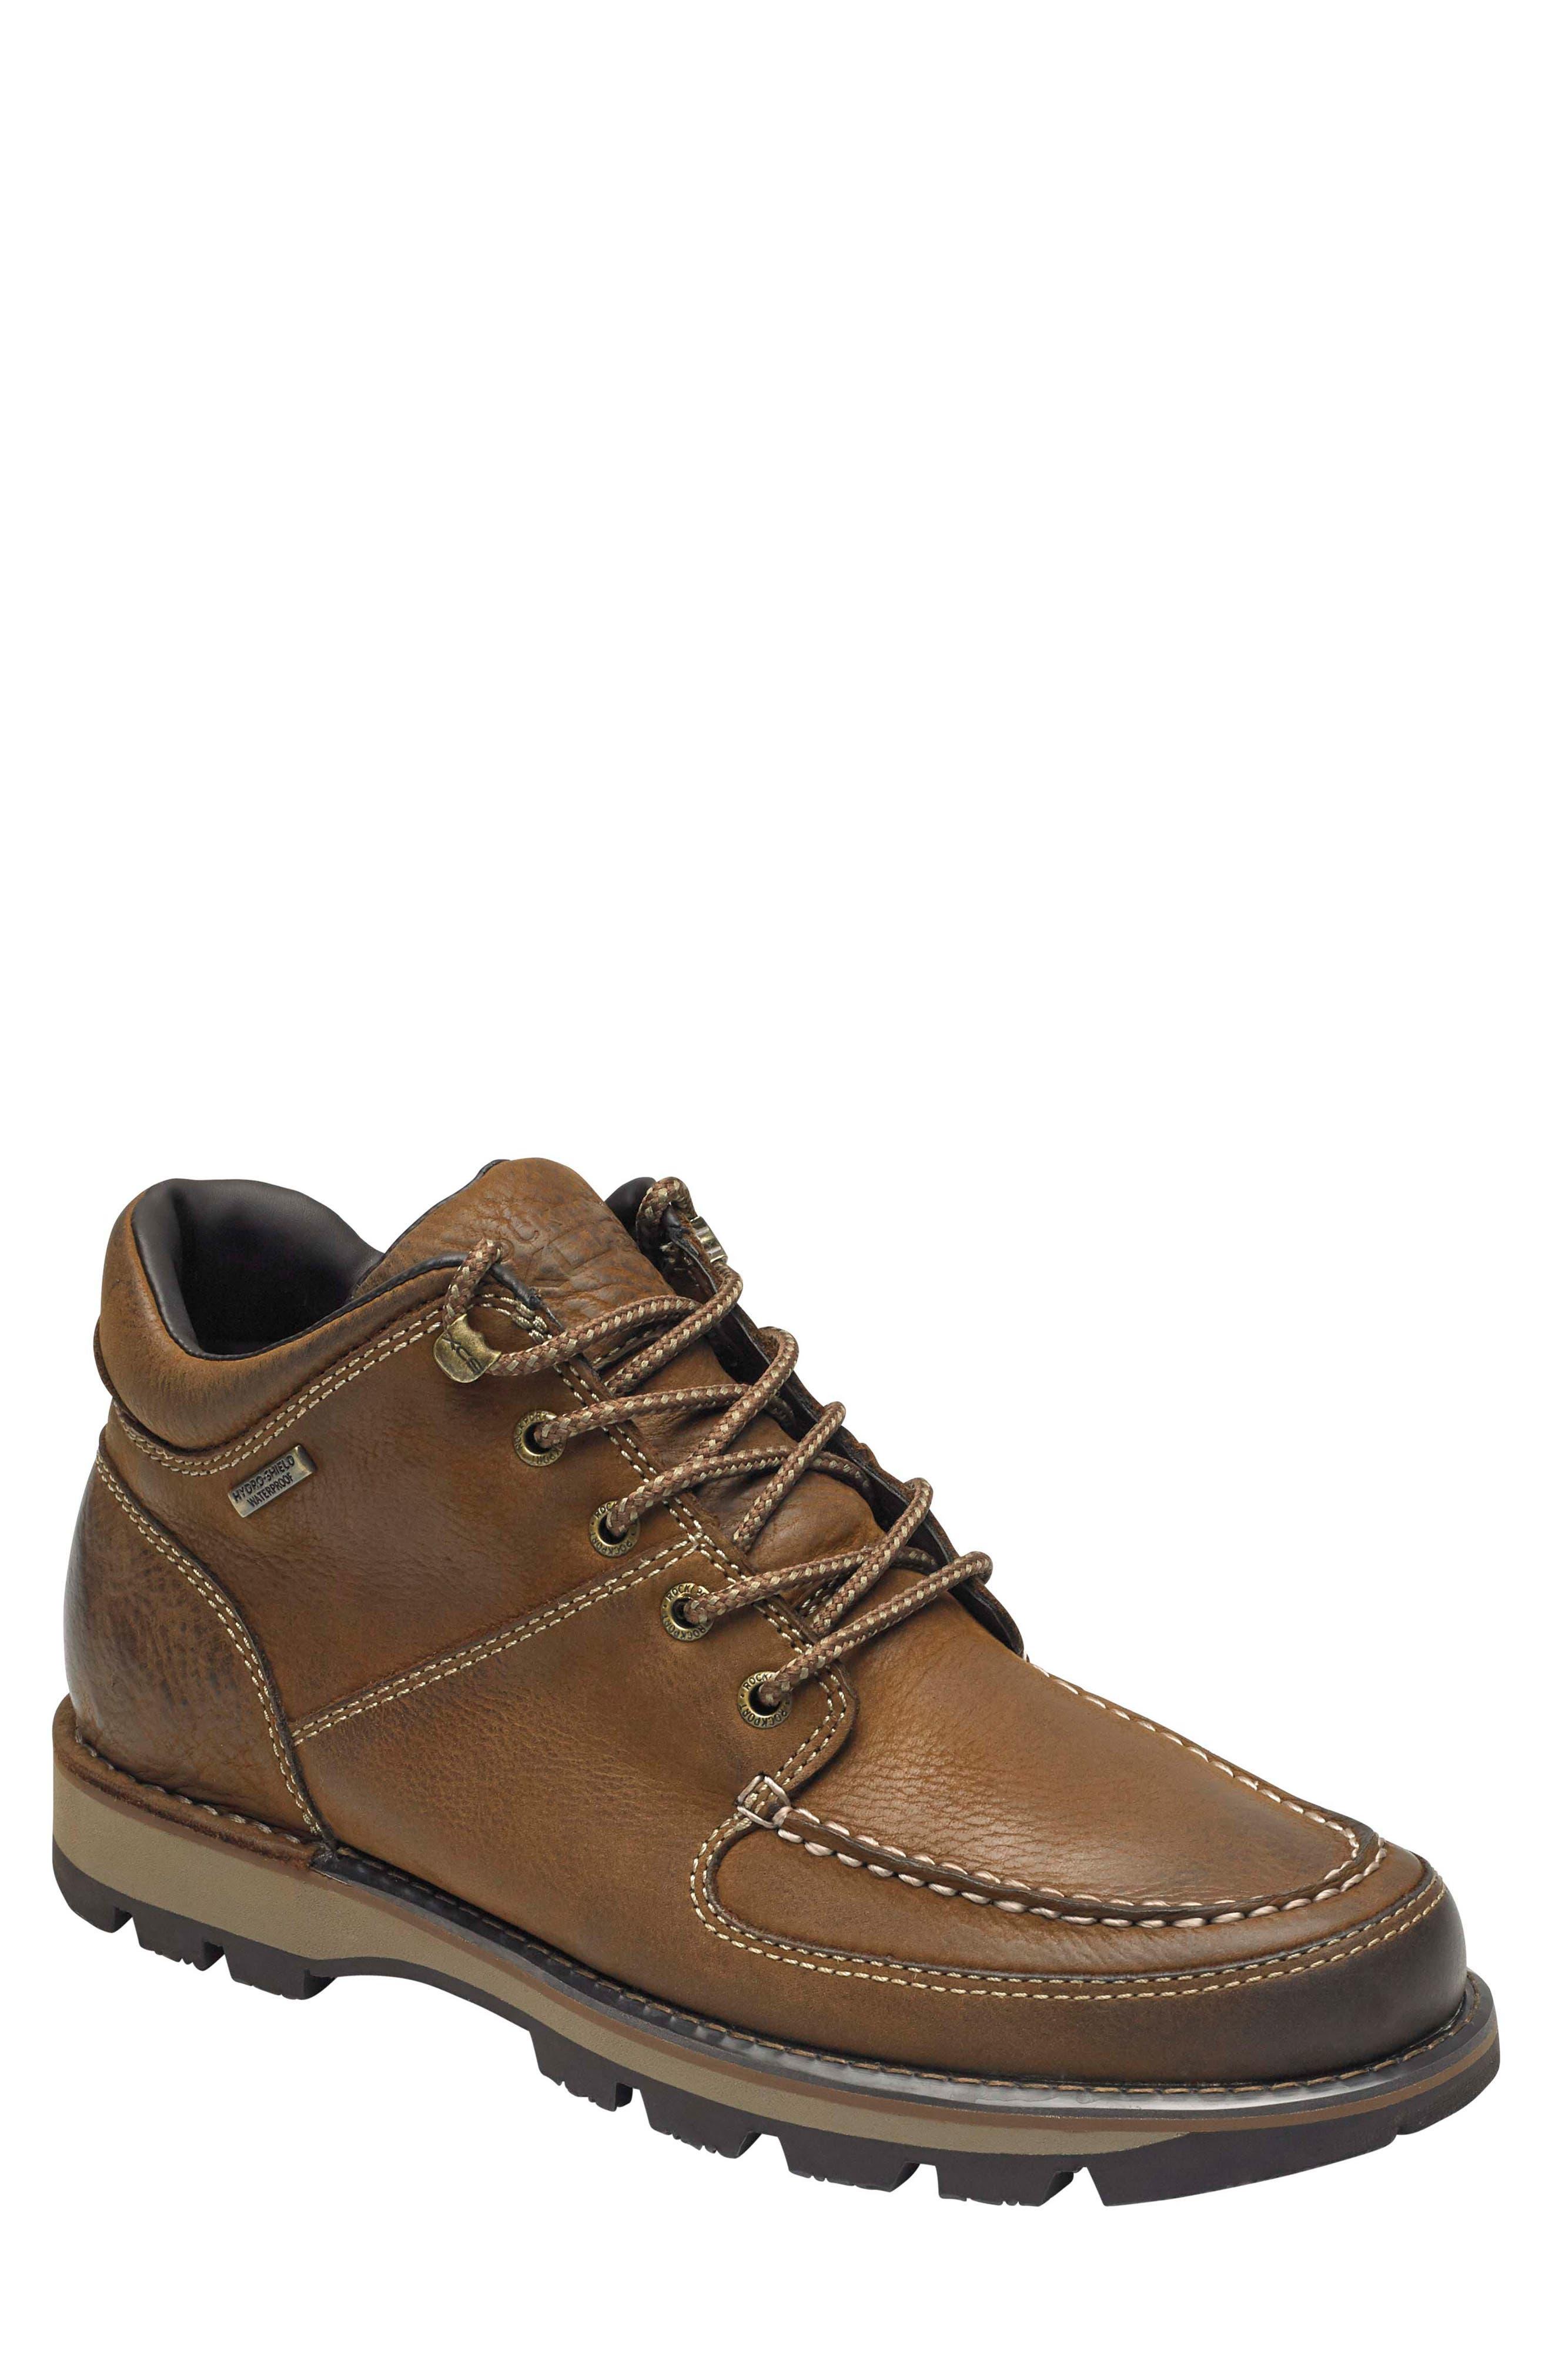 Rockport Umbwe Ii Waterproof Boot W - Brown